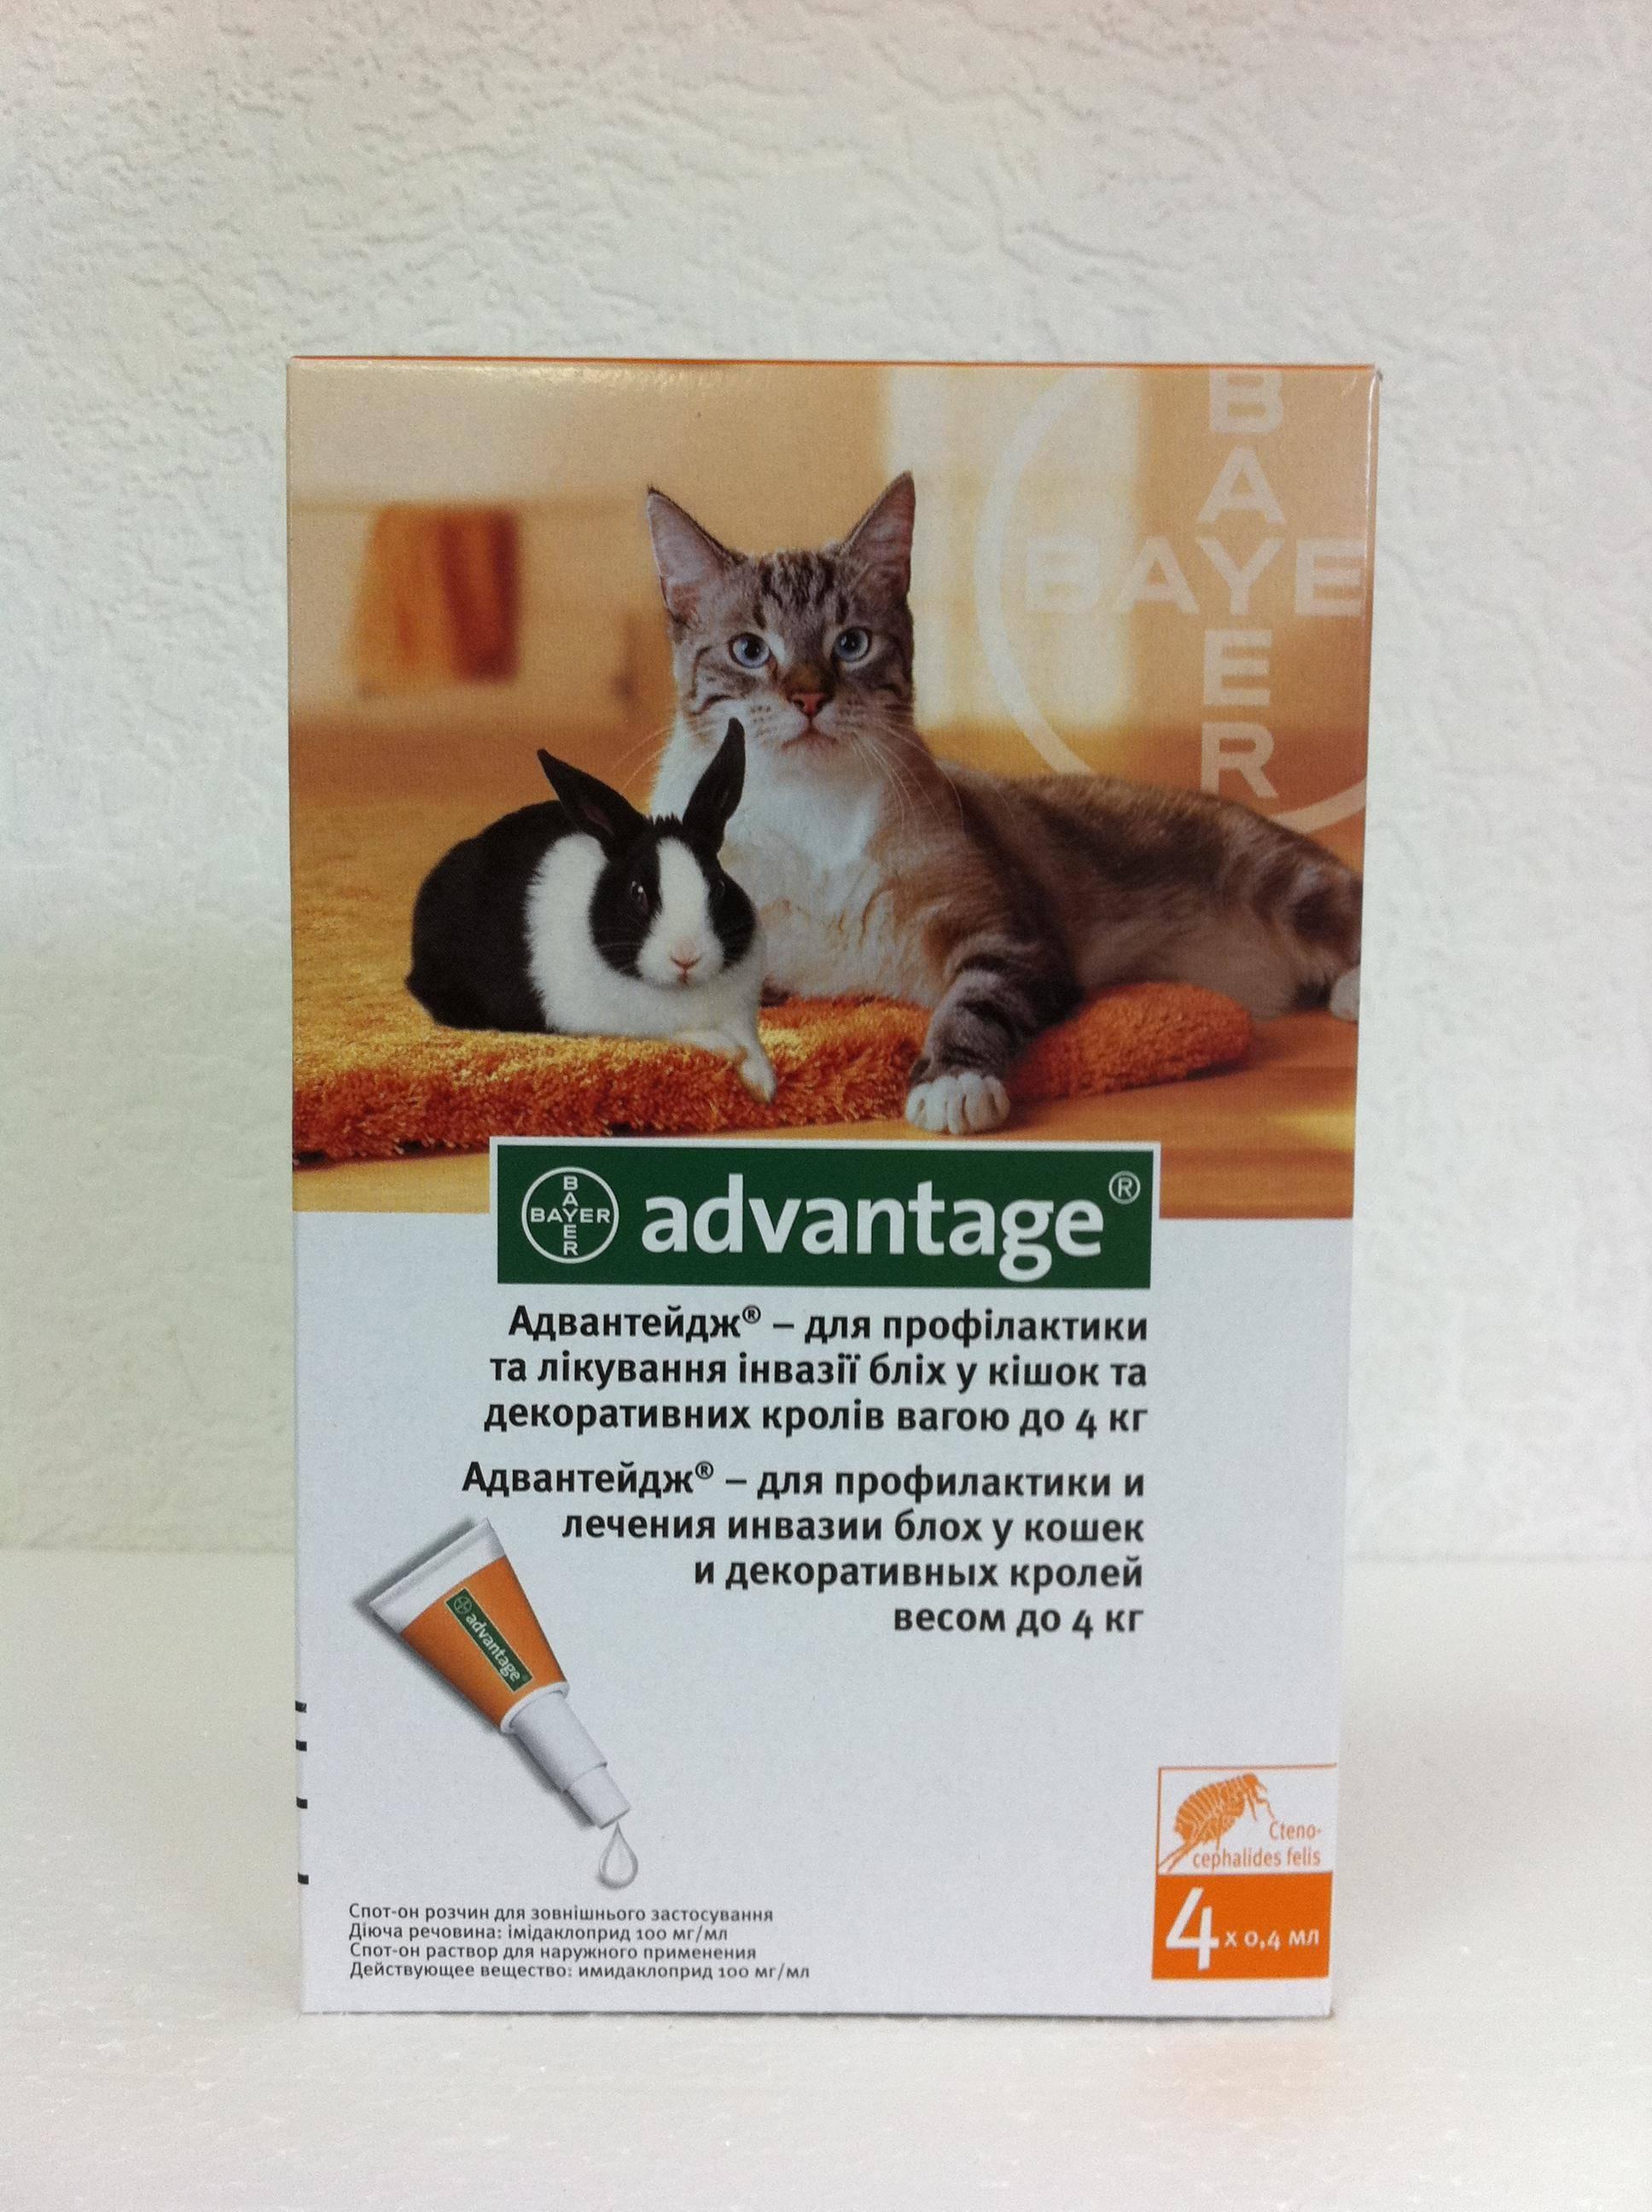 Адвантейдж для кошек: инструкция по применению, отзывы